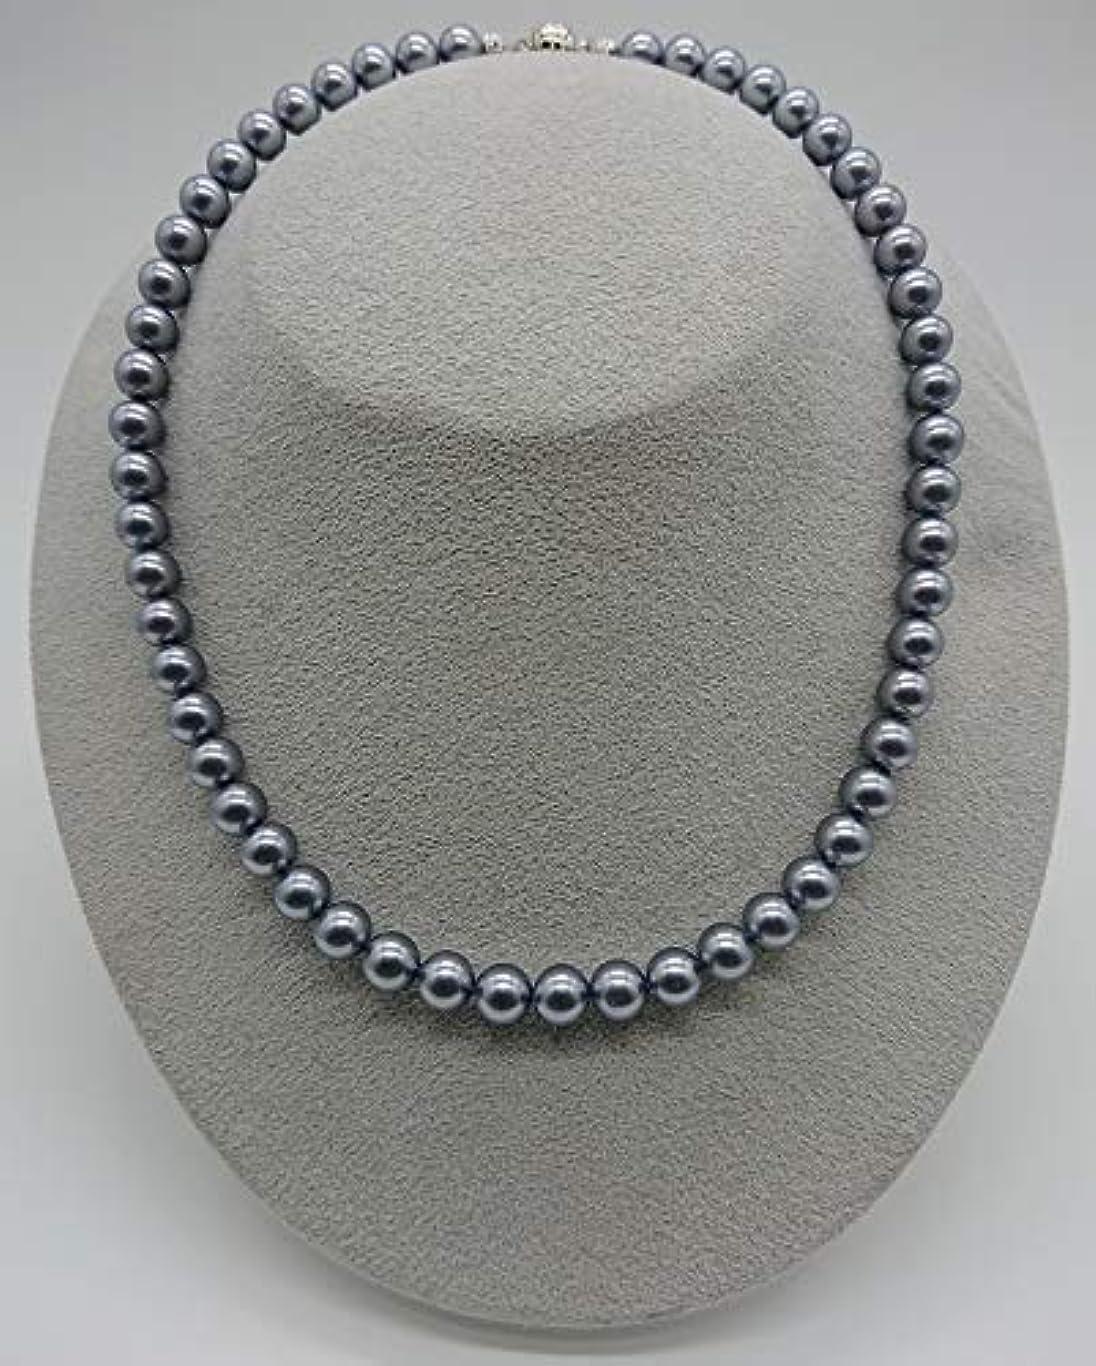 ストラトフォードオンエイボン水を飲む出血世界で唯一無二!Dr.Silicone 真珠スタイル健康エネルギーネックレス(グレー)8mm珠60cm:身に着けると遠赤外線とマイナスイオンが良い影響をもたらします!